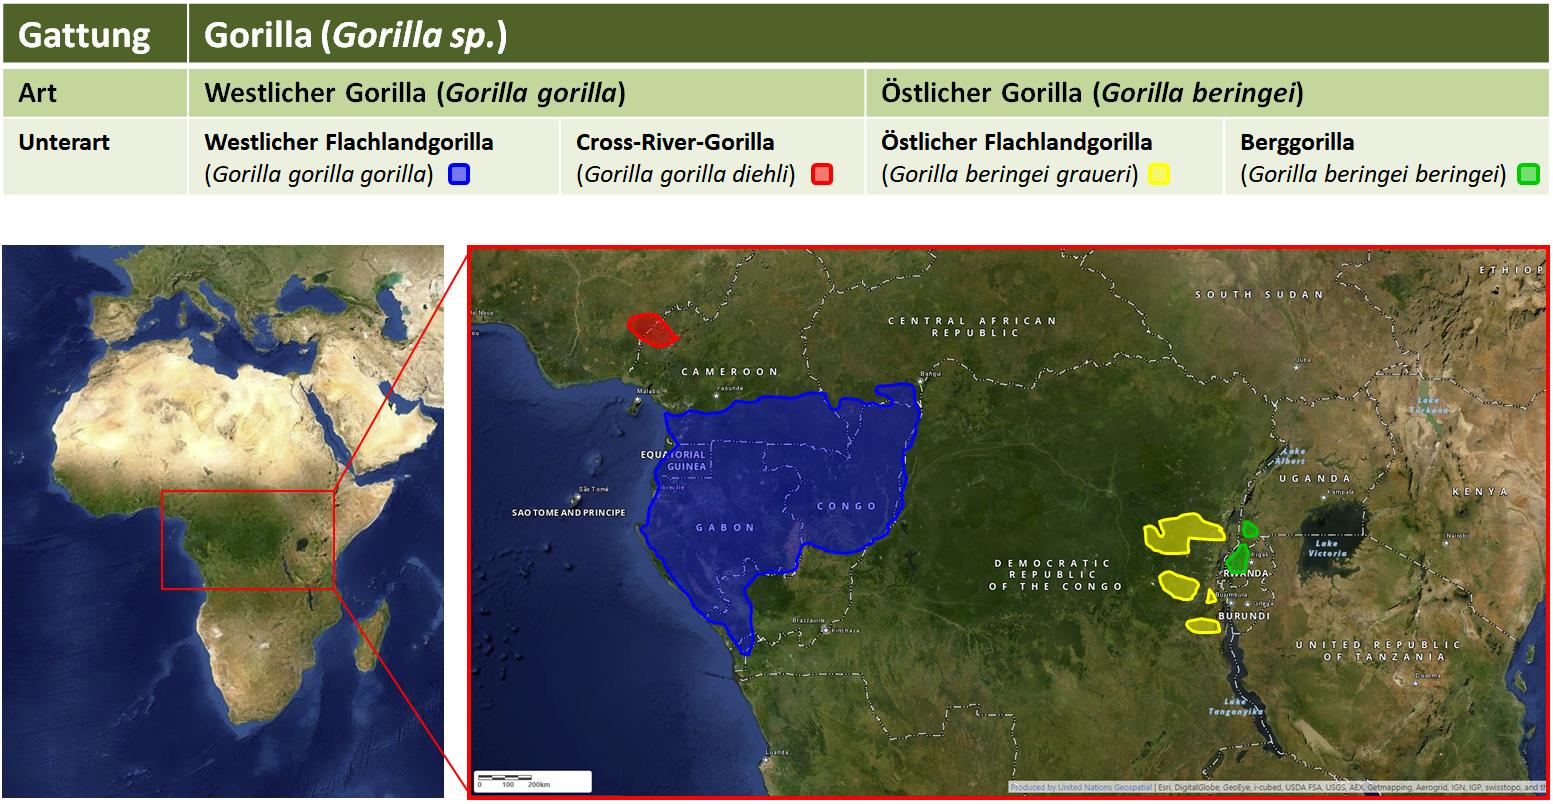 Gorilla: Arten, Unterarten und Verbreitung